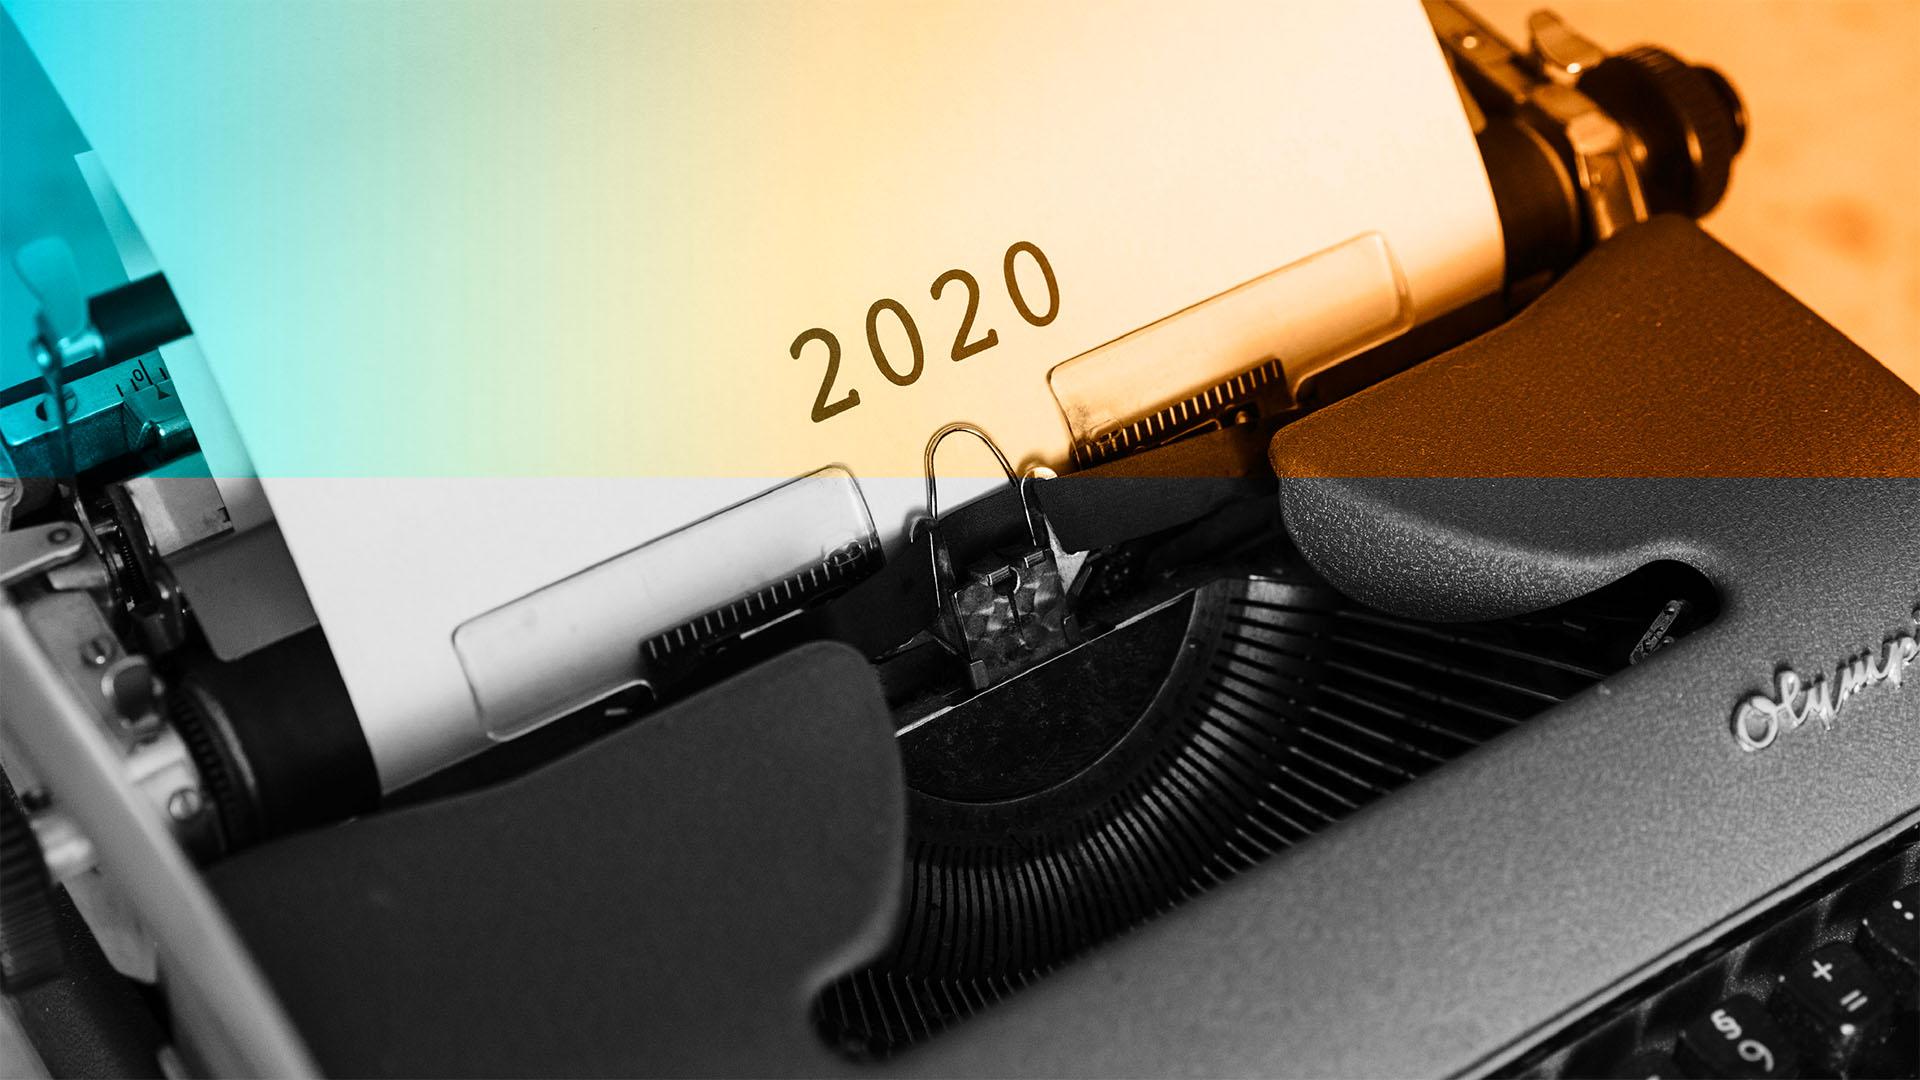 ¿Qué más podría pasar en el 2020?, por Reuben Morales y Alejandra Solano